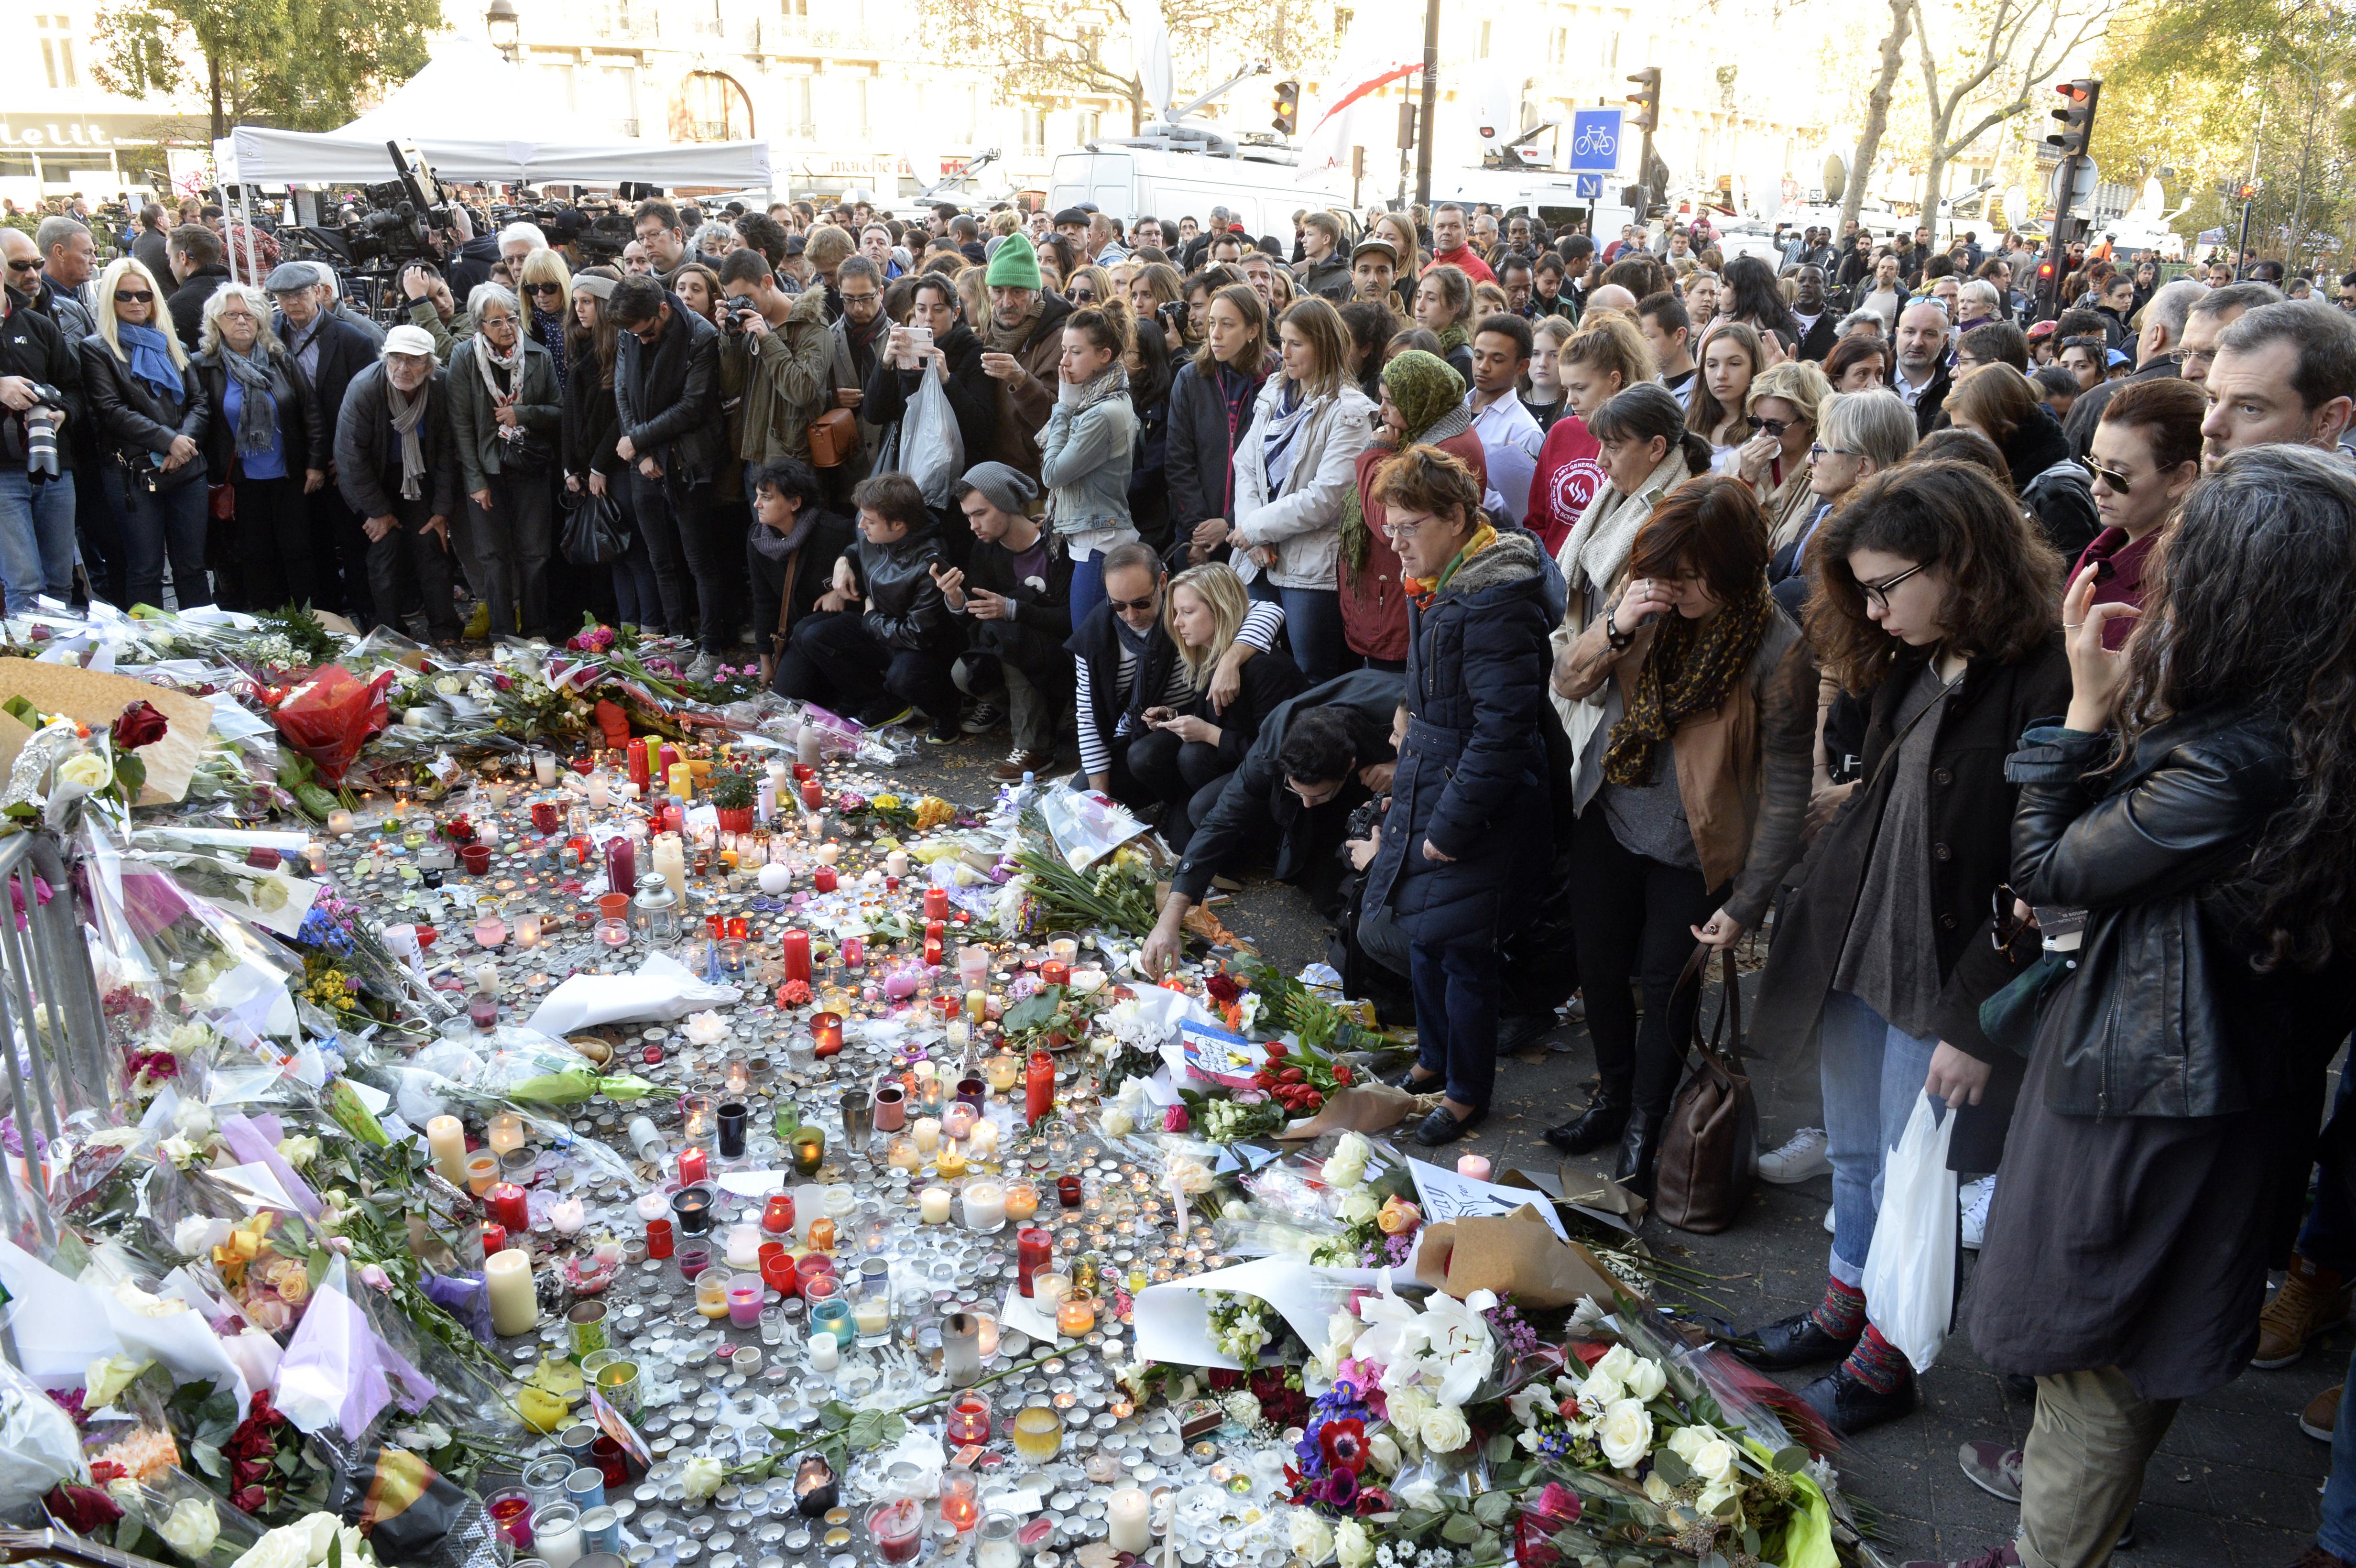 Az EU a világ kevésbé terrorveszélyes térségei közé tartozik